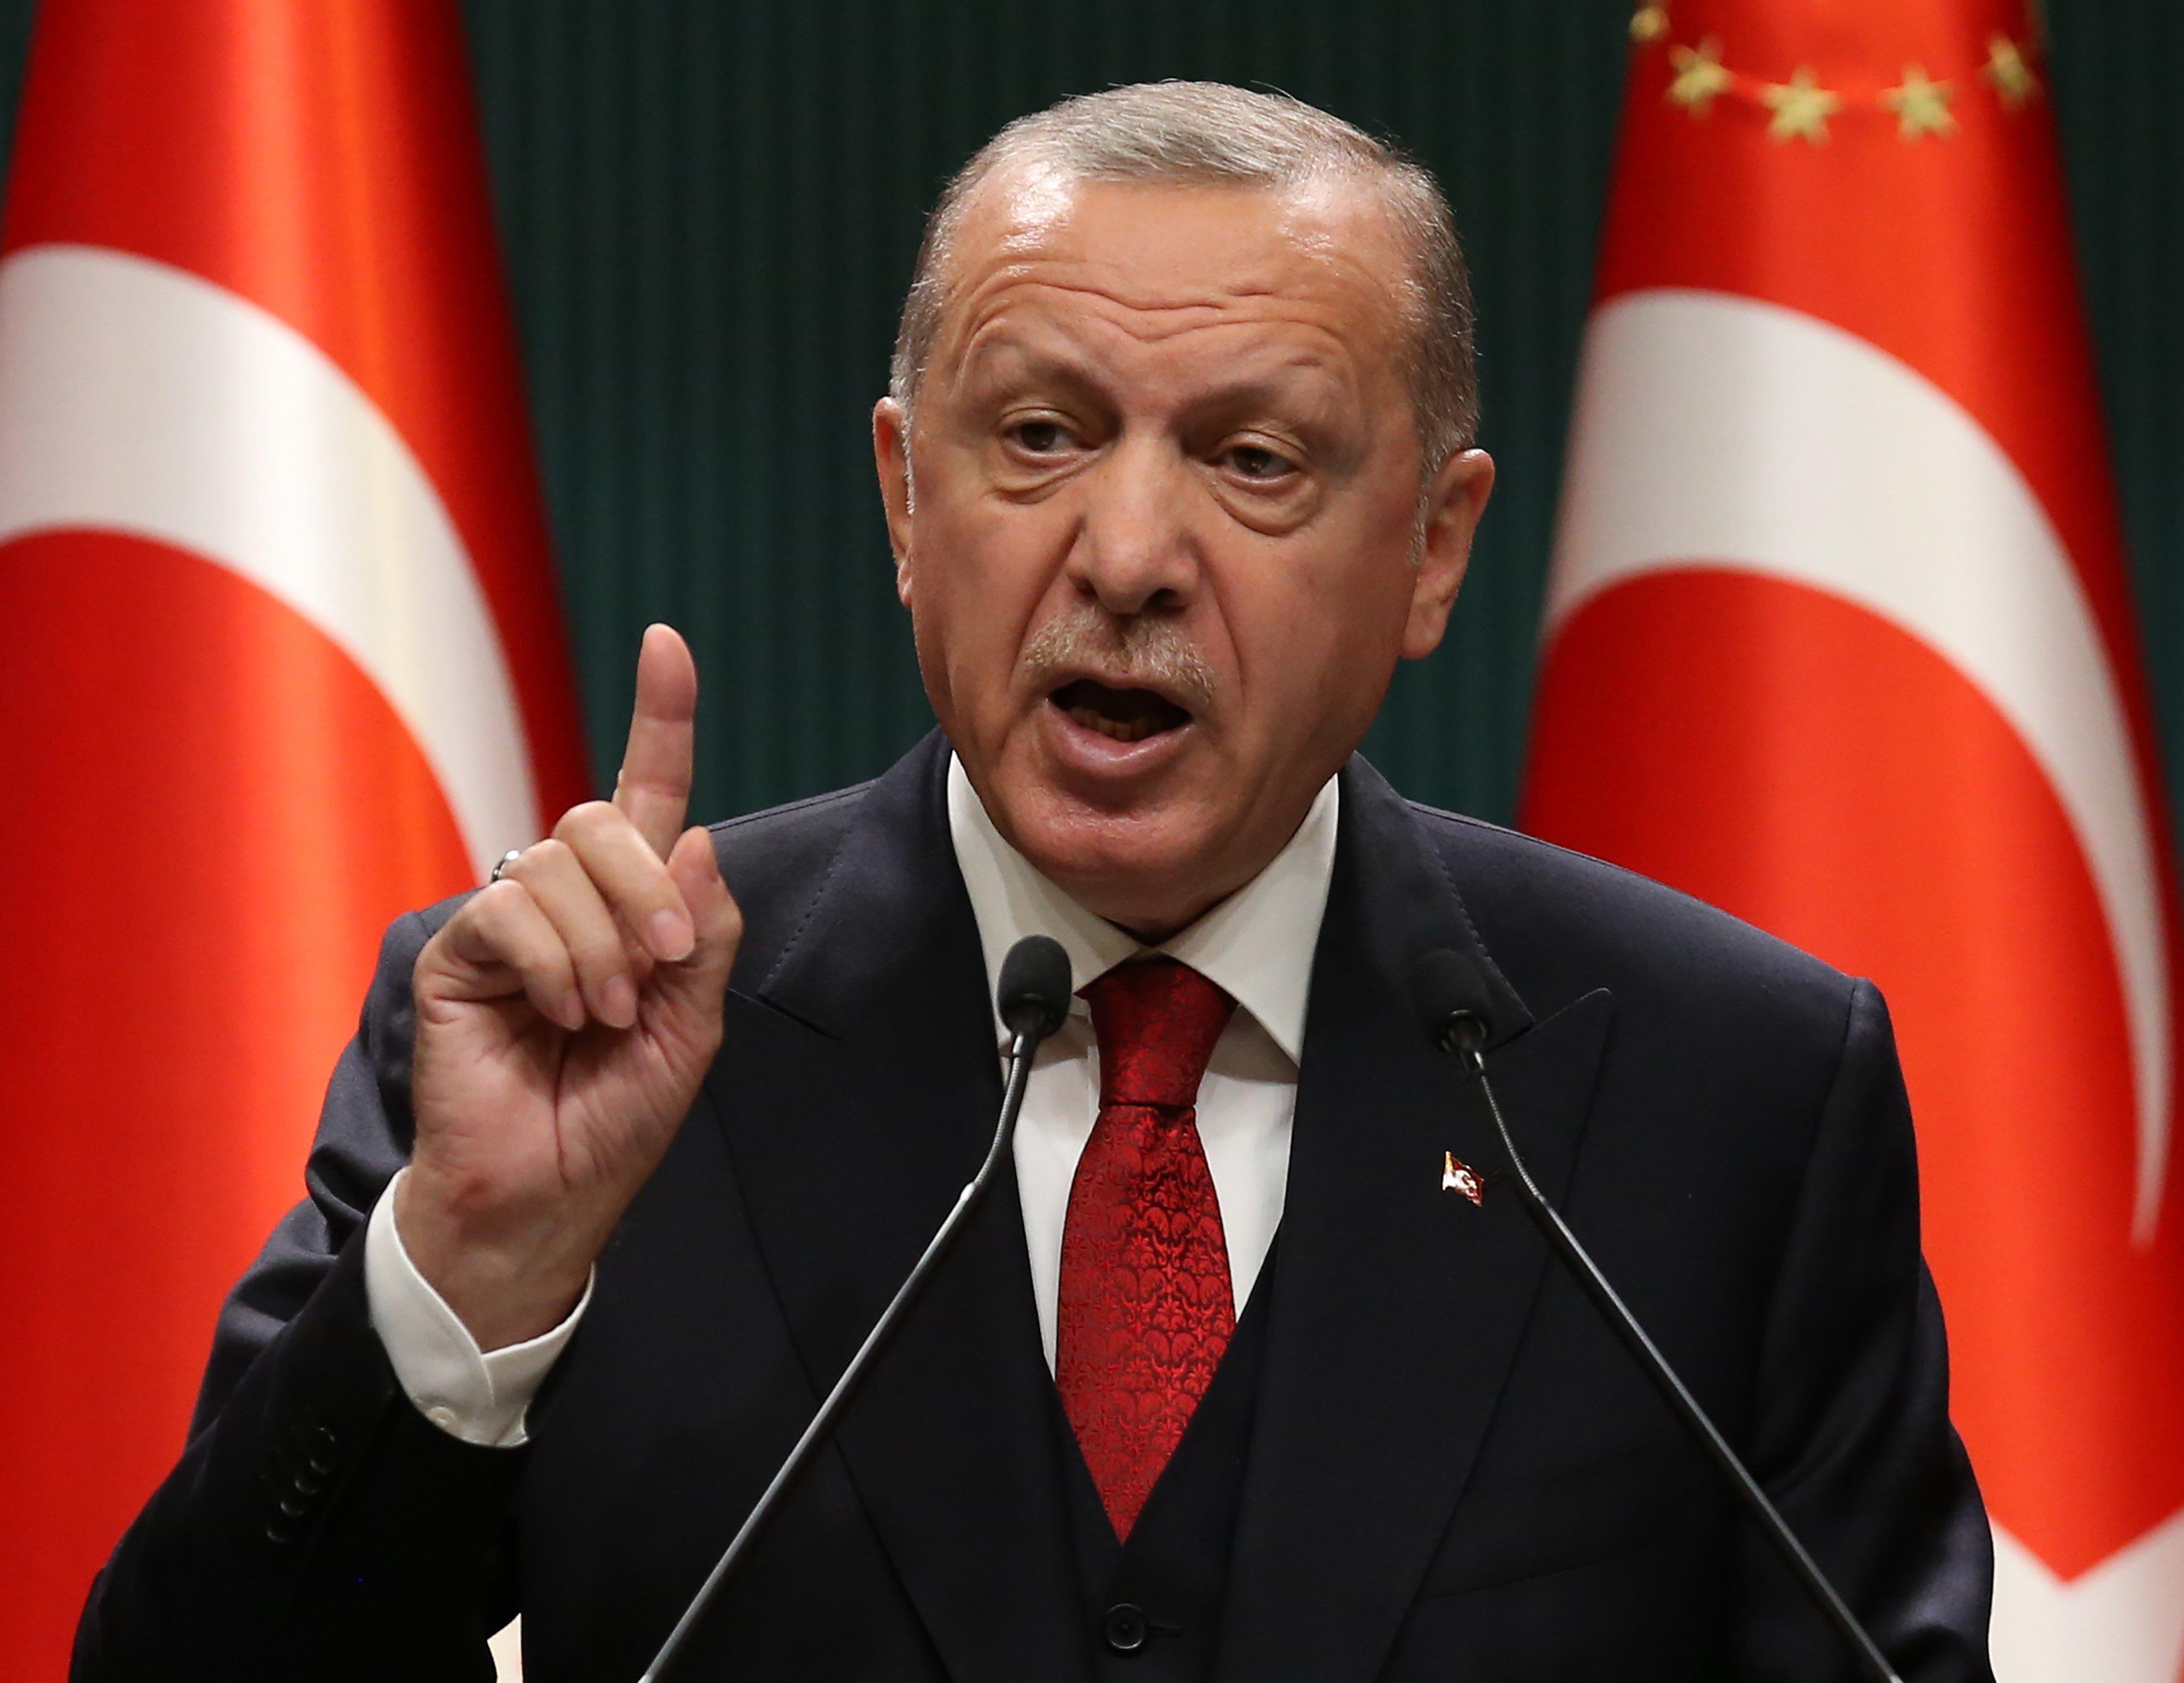 إردوغان أكد دعمه لأذربيجان بكل الإمكانيات